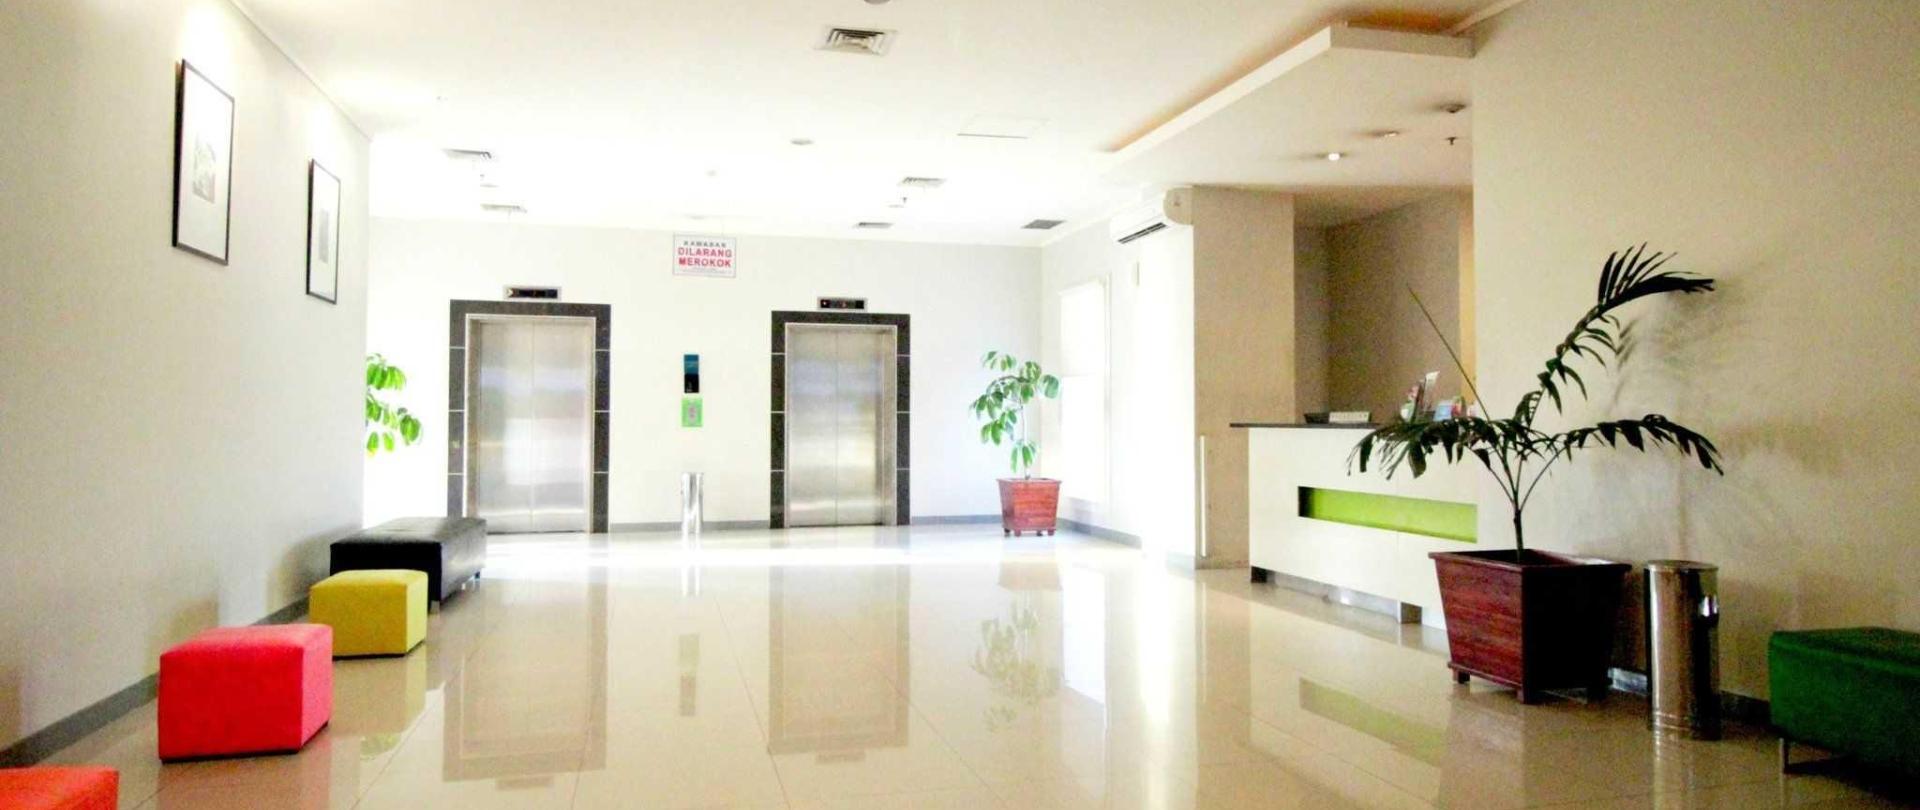 plaza-hotel-glodok-lobby.jpg